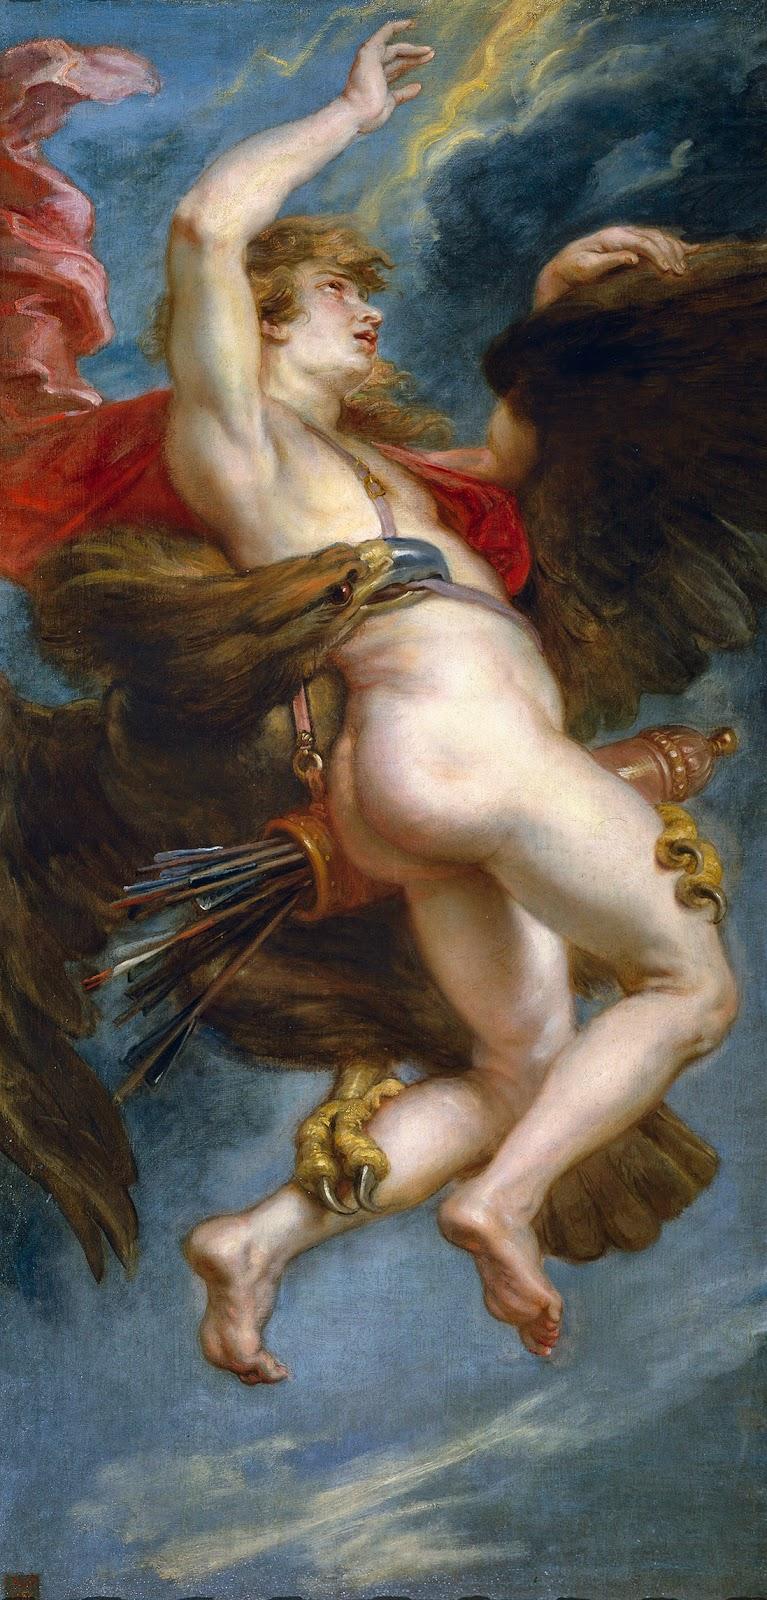 Peter Paul Rubens, El rapto de Ganimedes (1936), Museo del Prado, Madrid